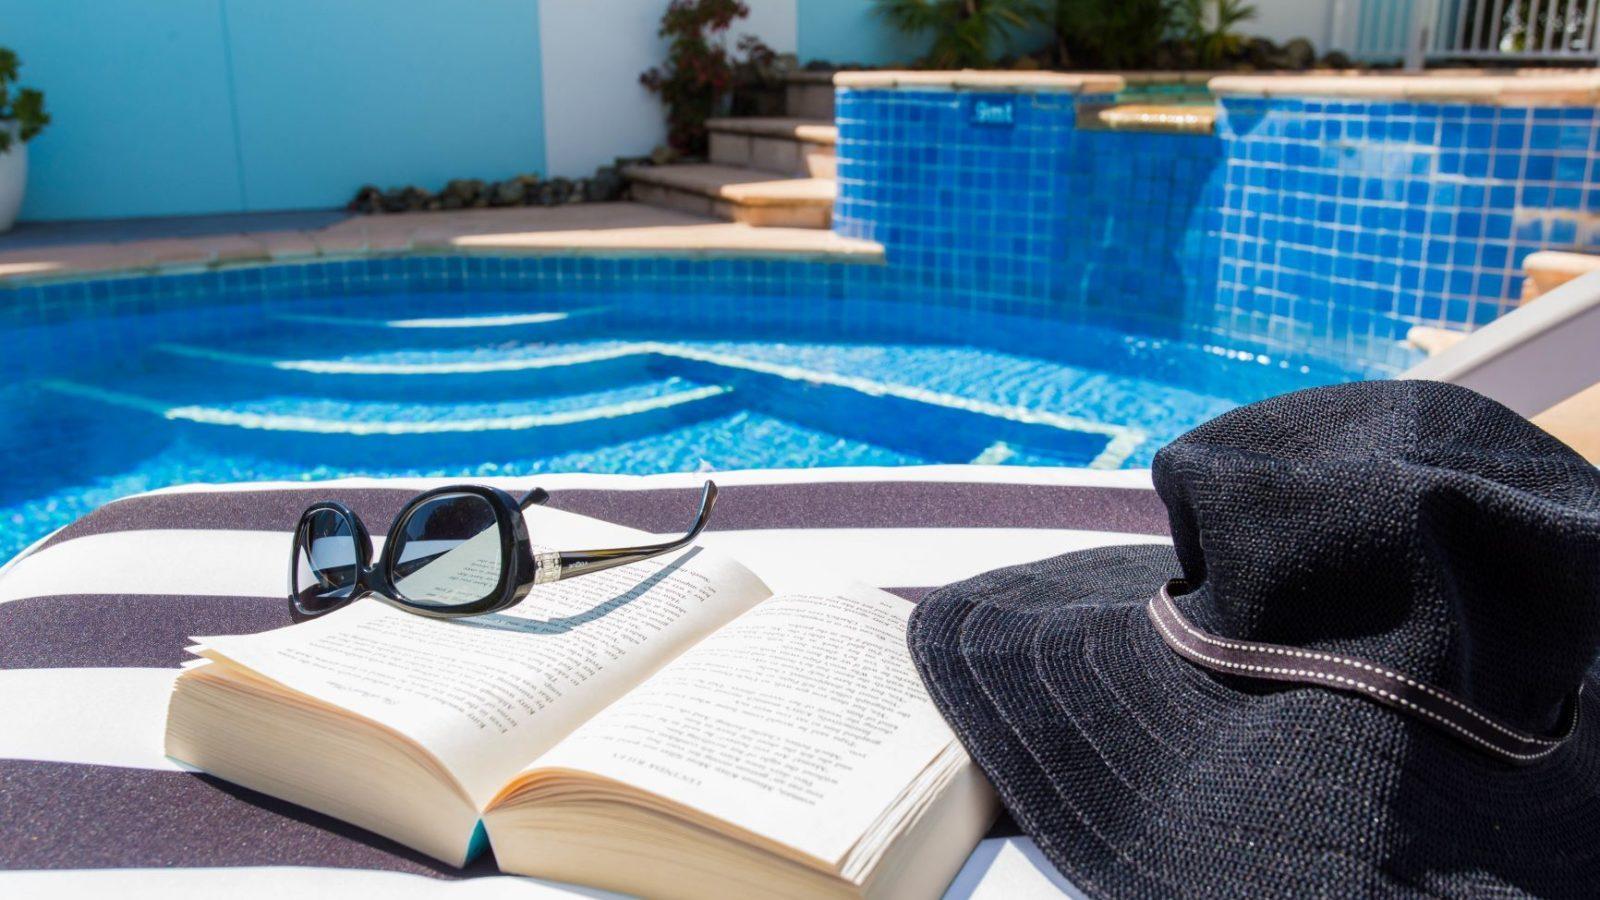 Blueys Motel poolside ambience